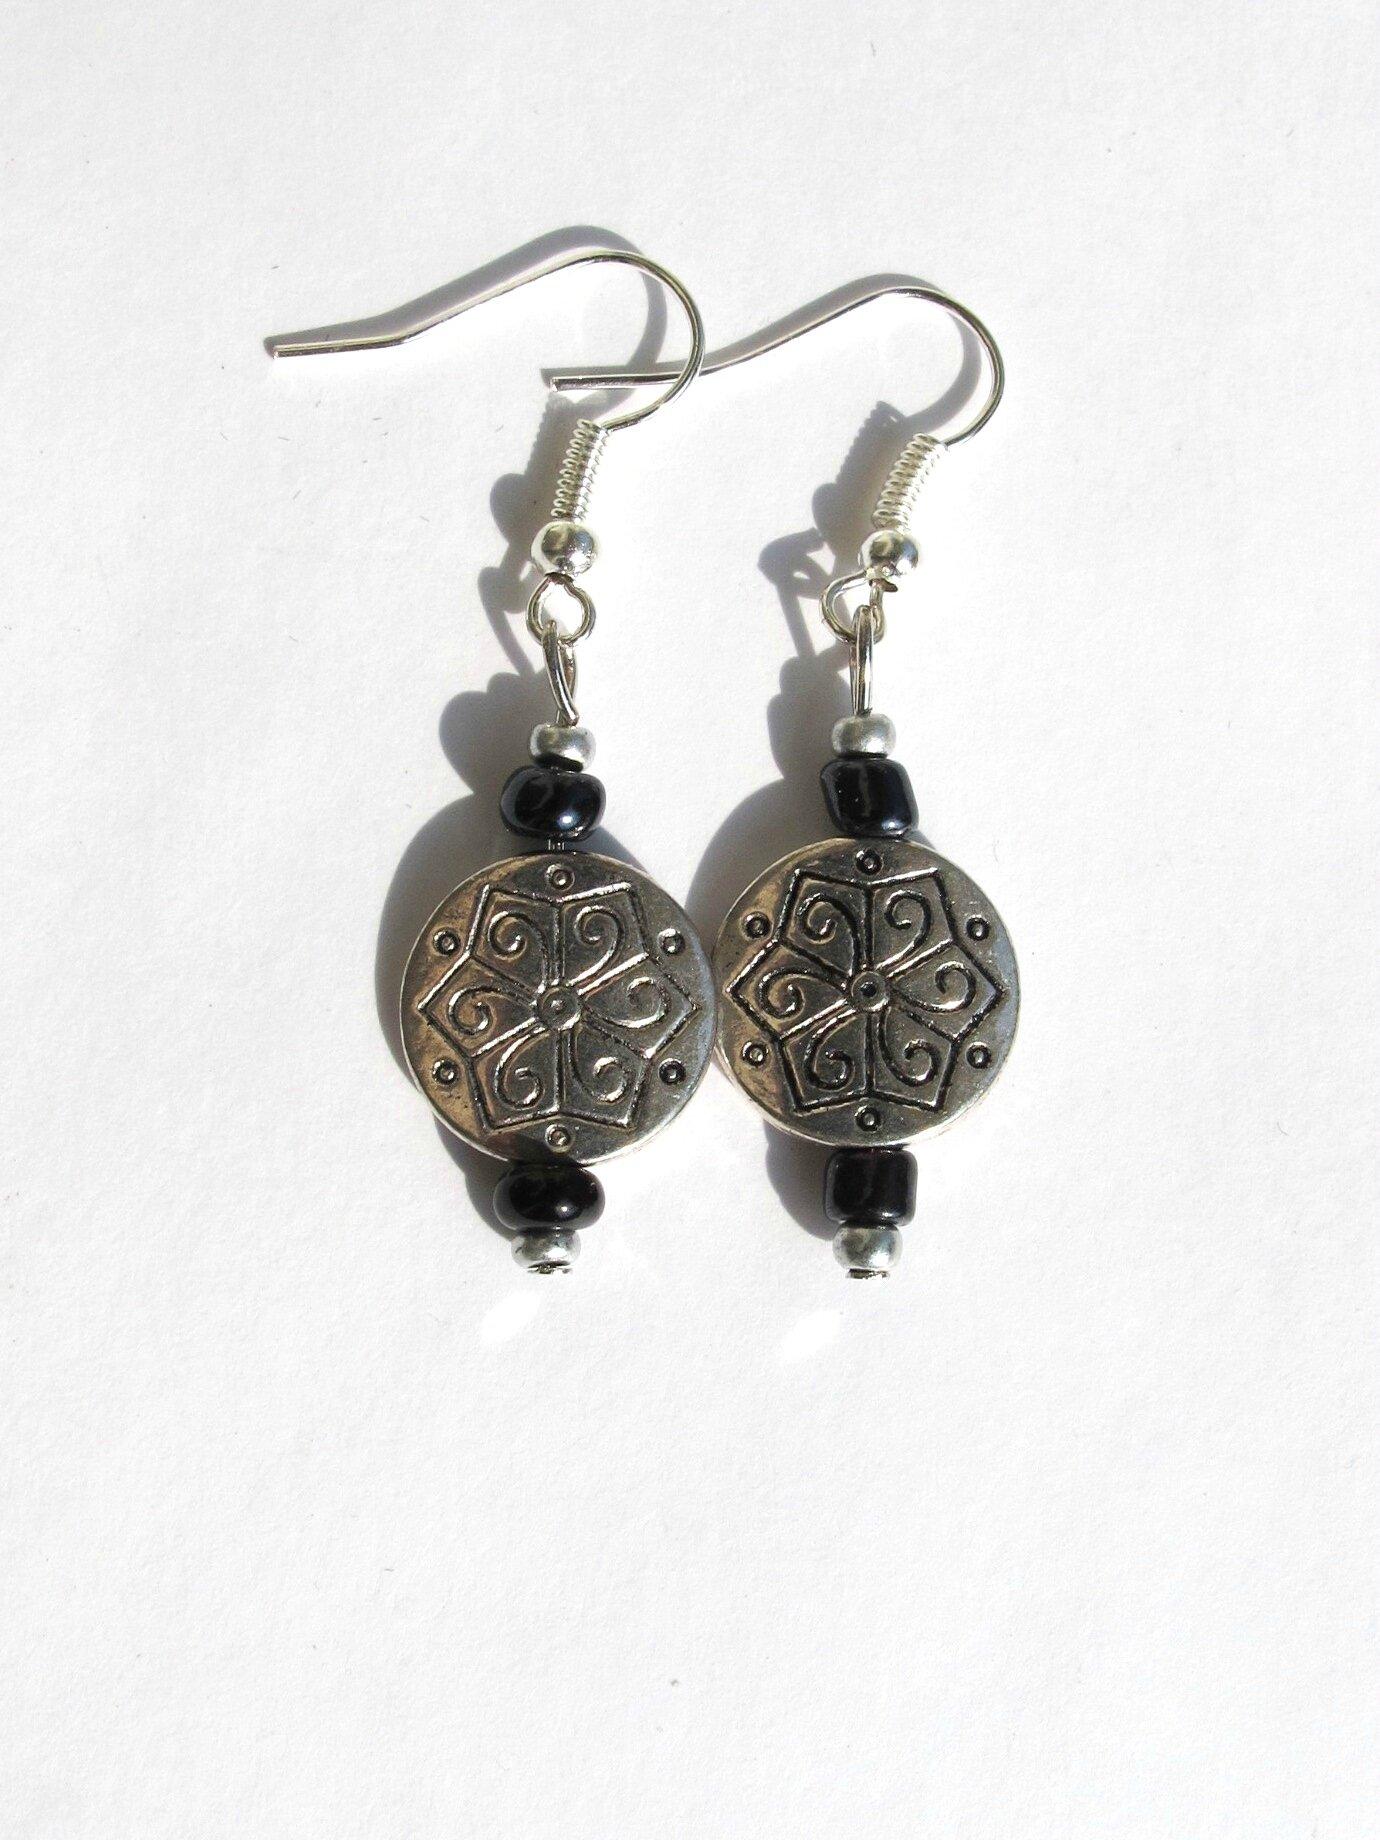 boucles d'oreilles rondes celtiques